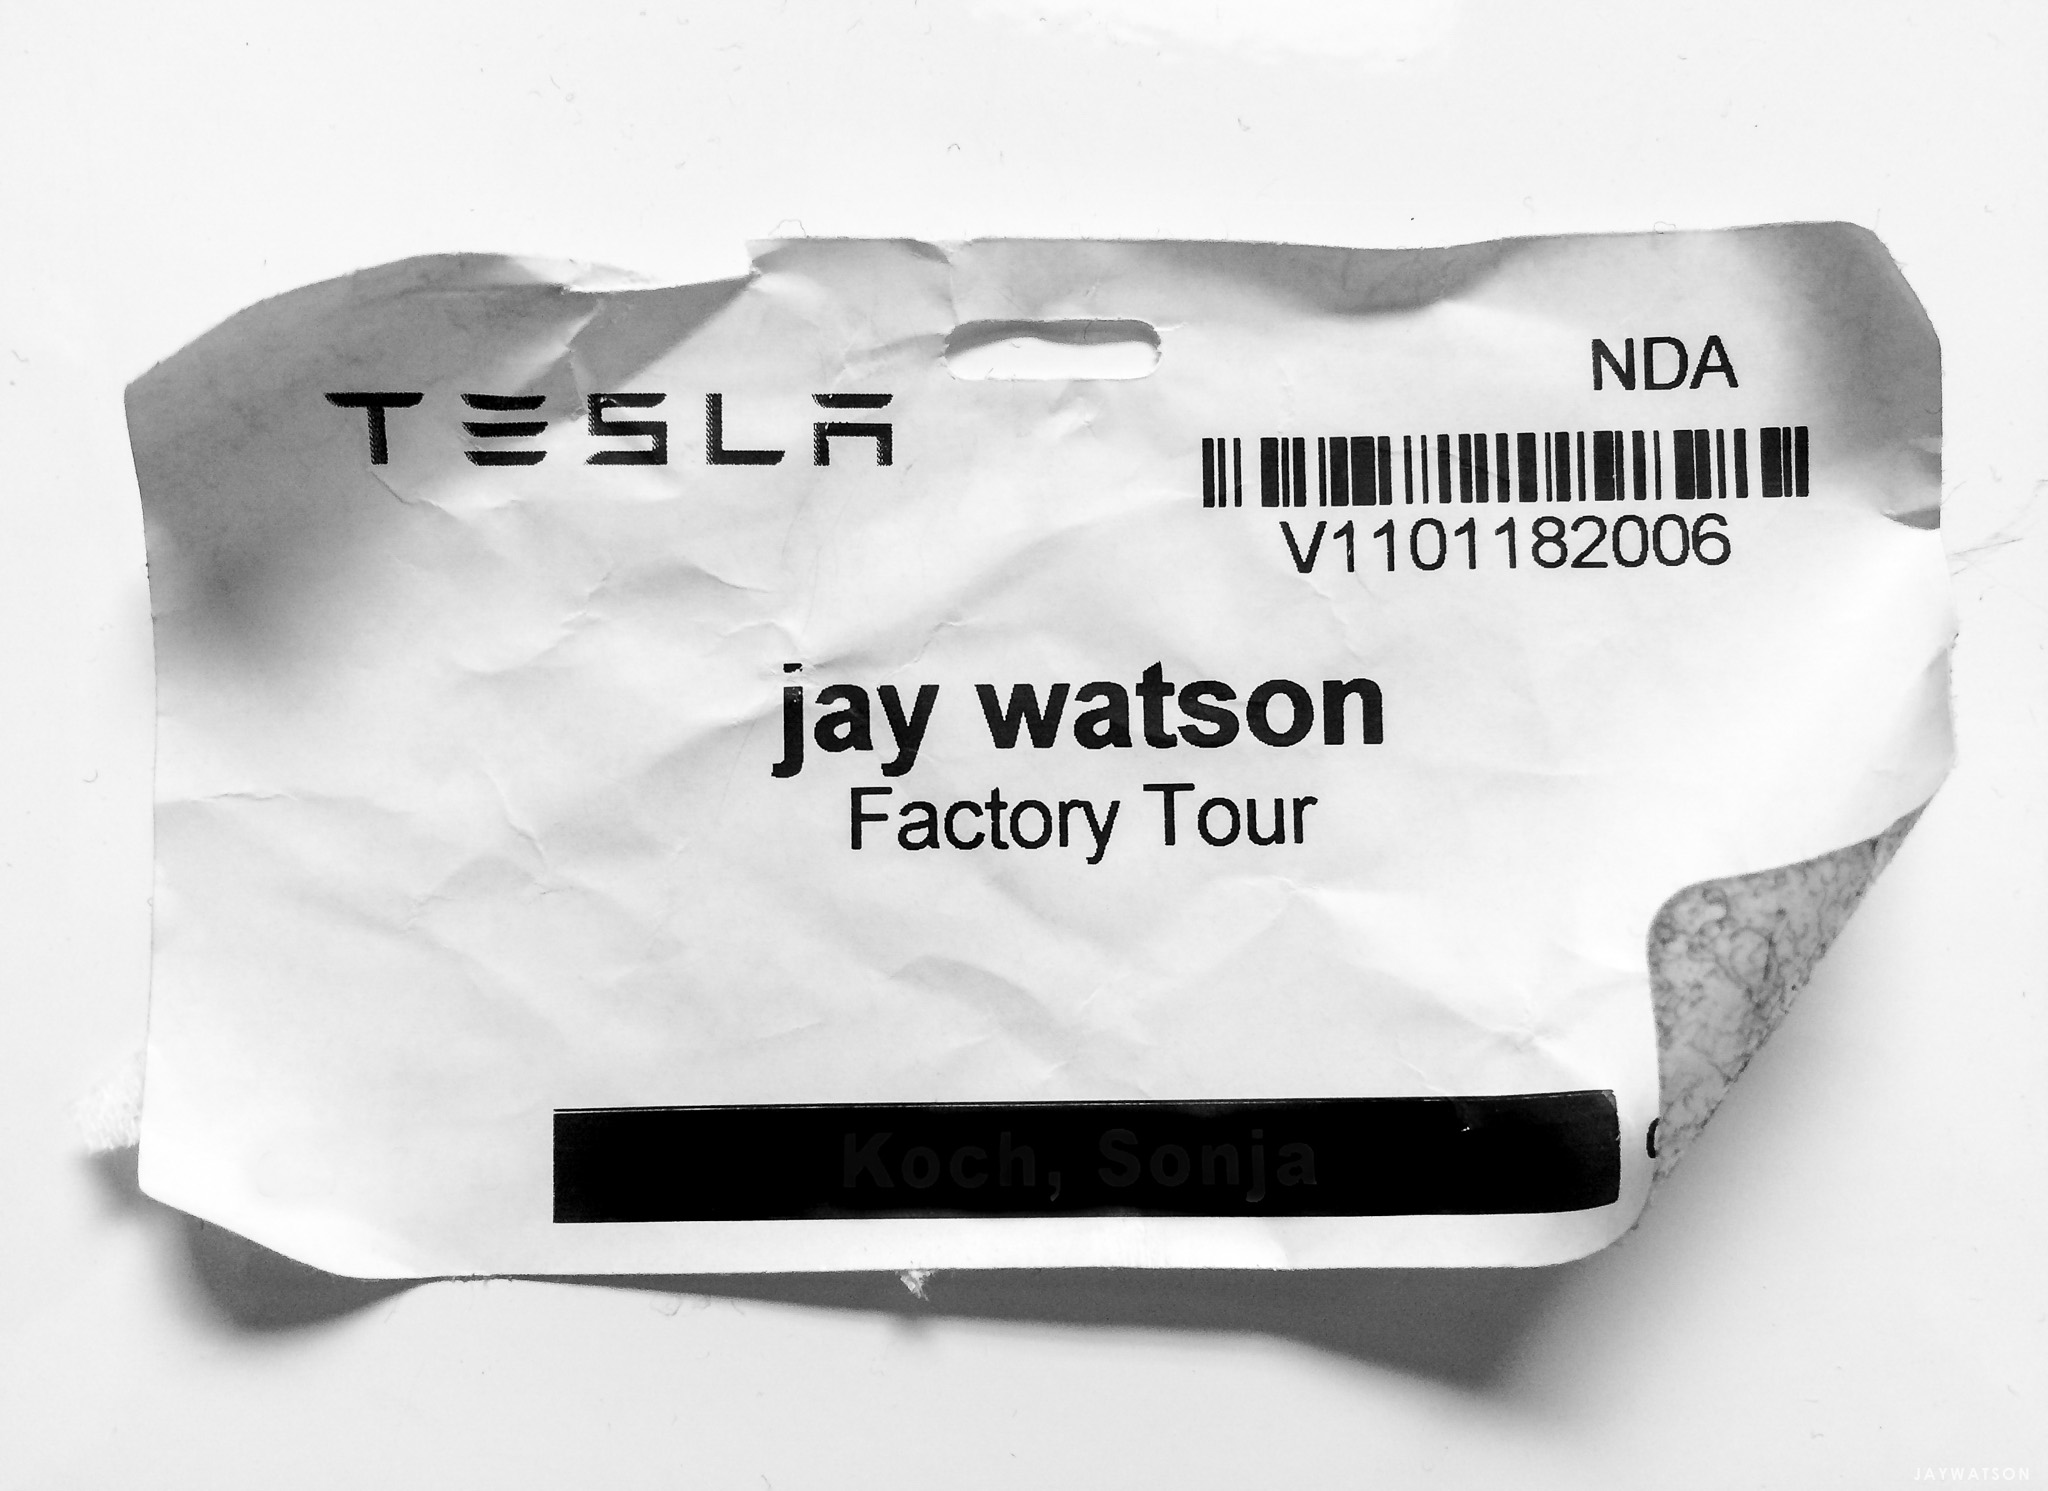 Tesla factory tour badge